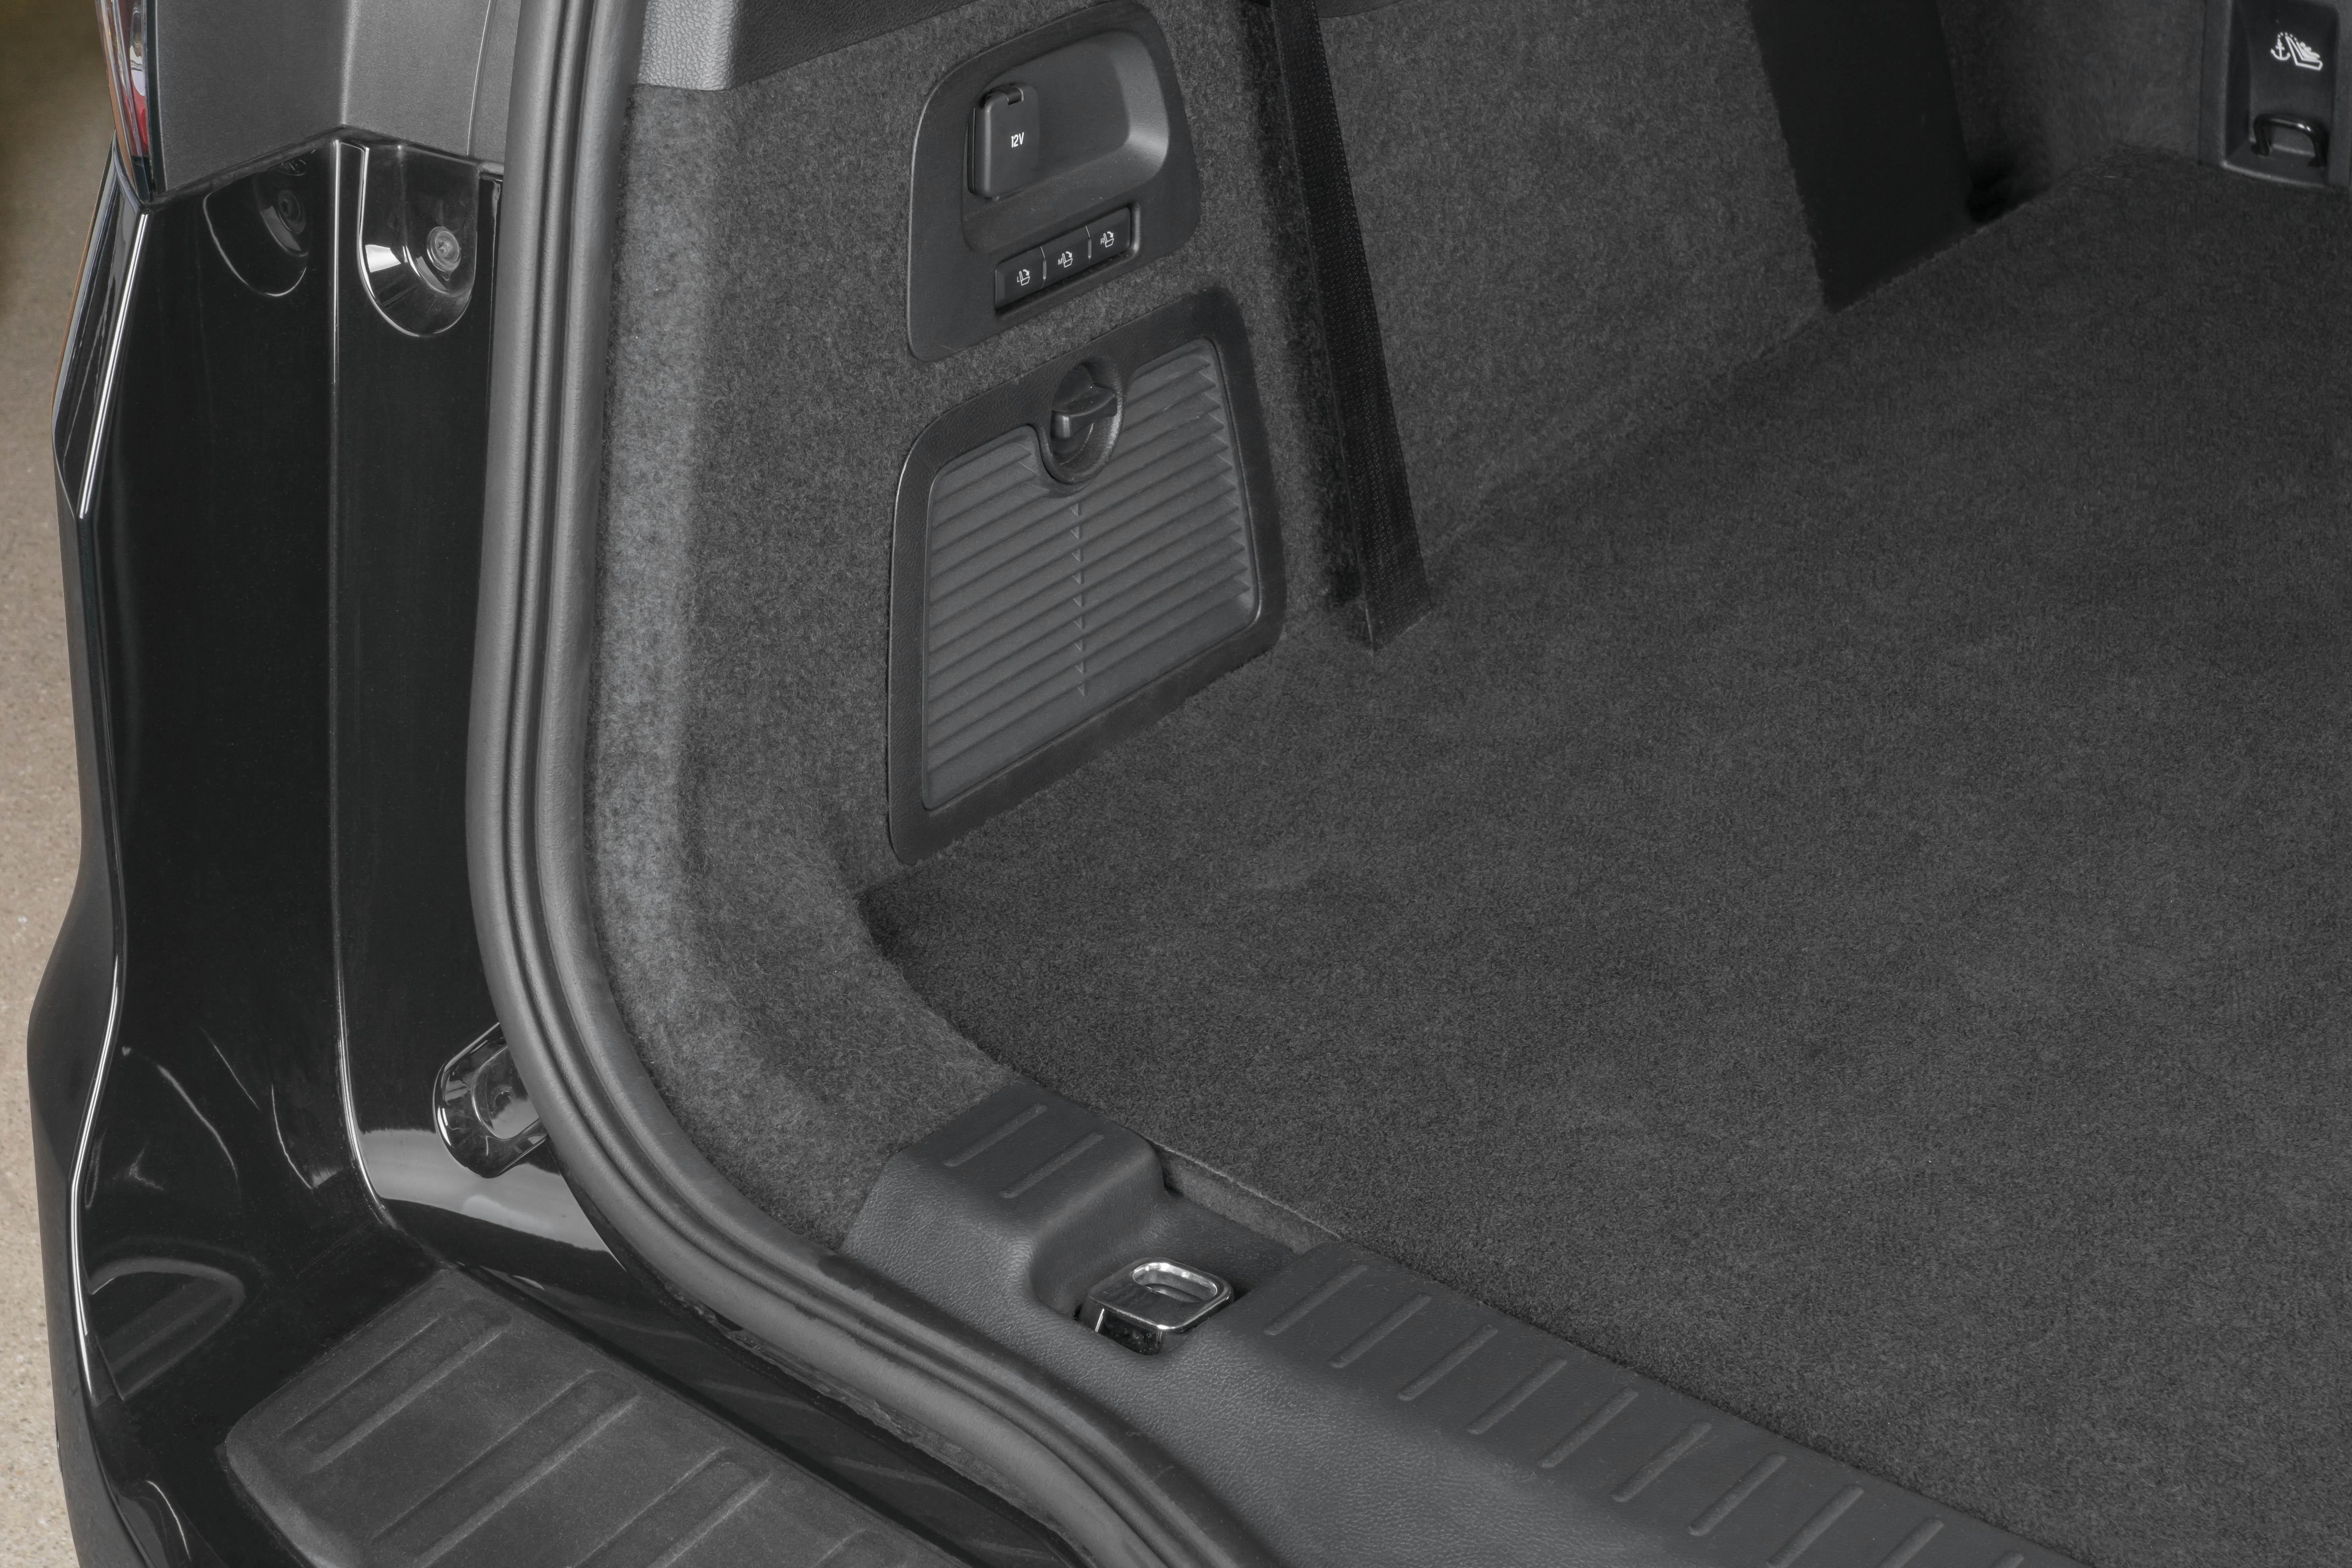 29047 Kofferbakmat WALSER - Bespaar met uitgebreide promoties